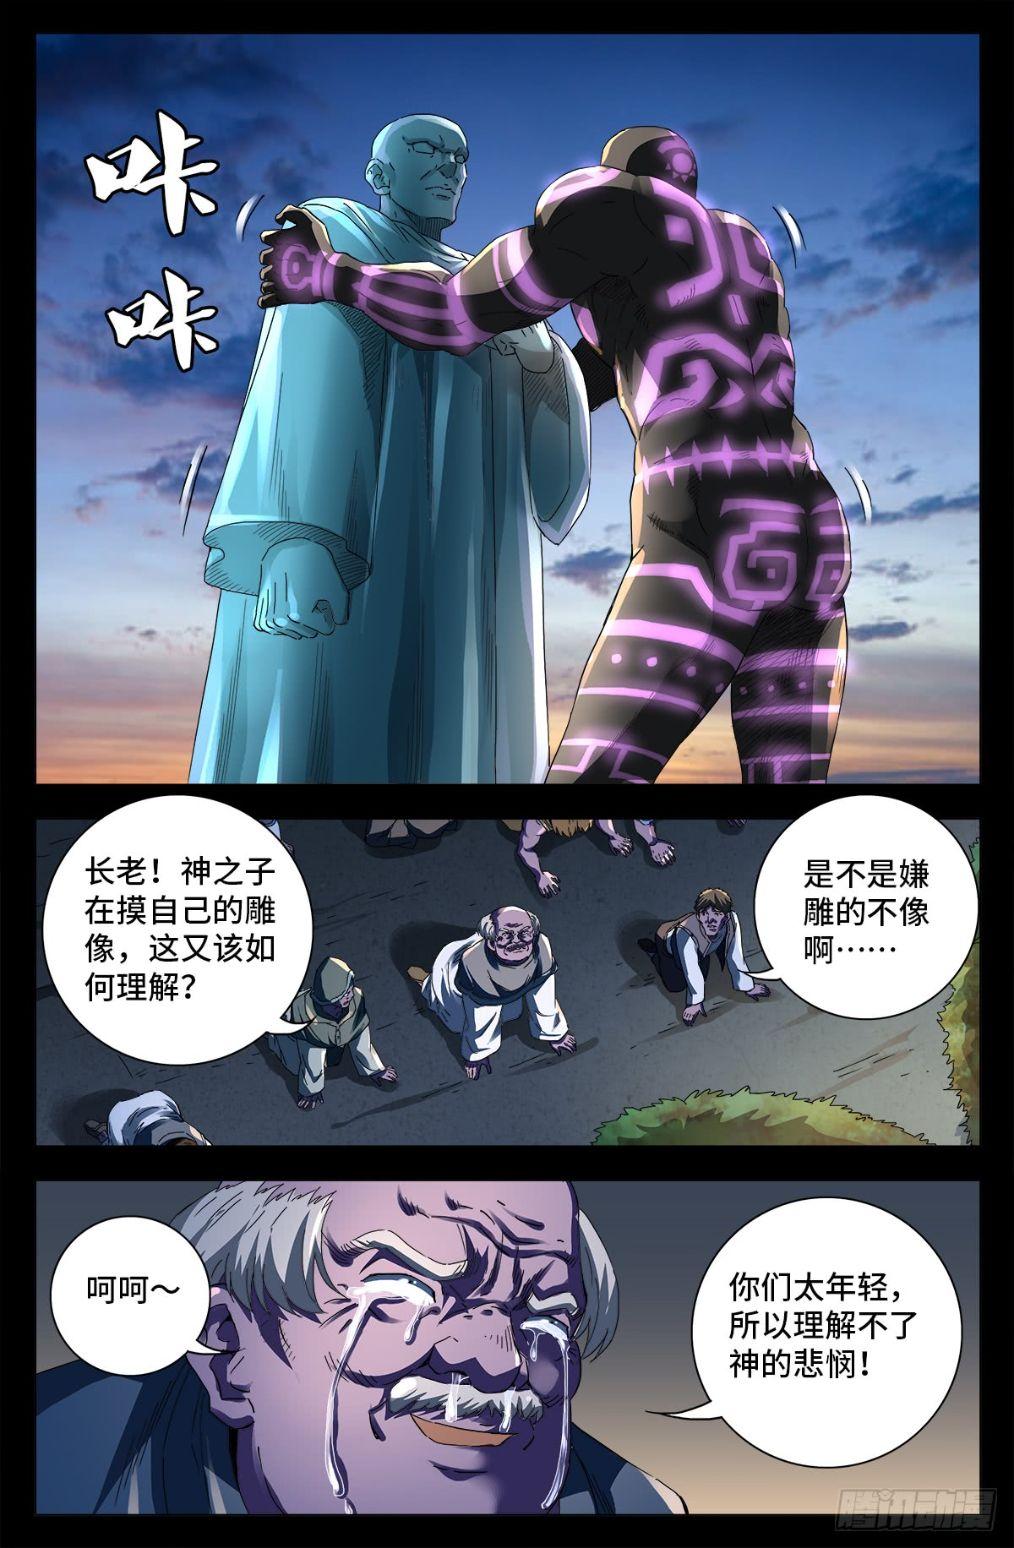 僵尸王漫画:戒魔人 第643话 圣晶的复仇